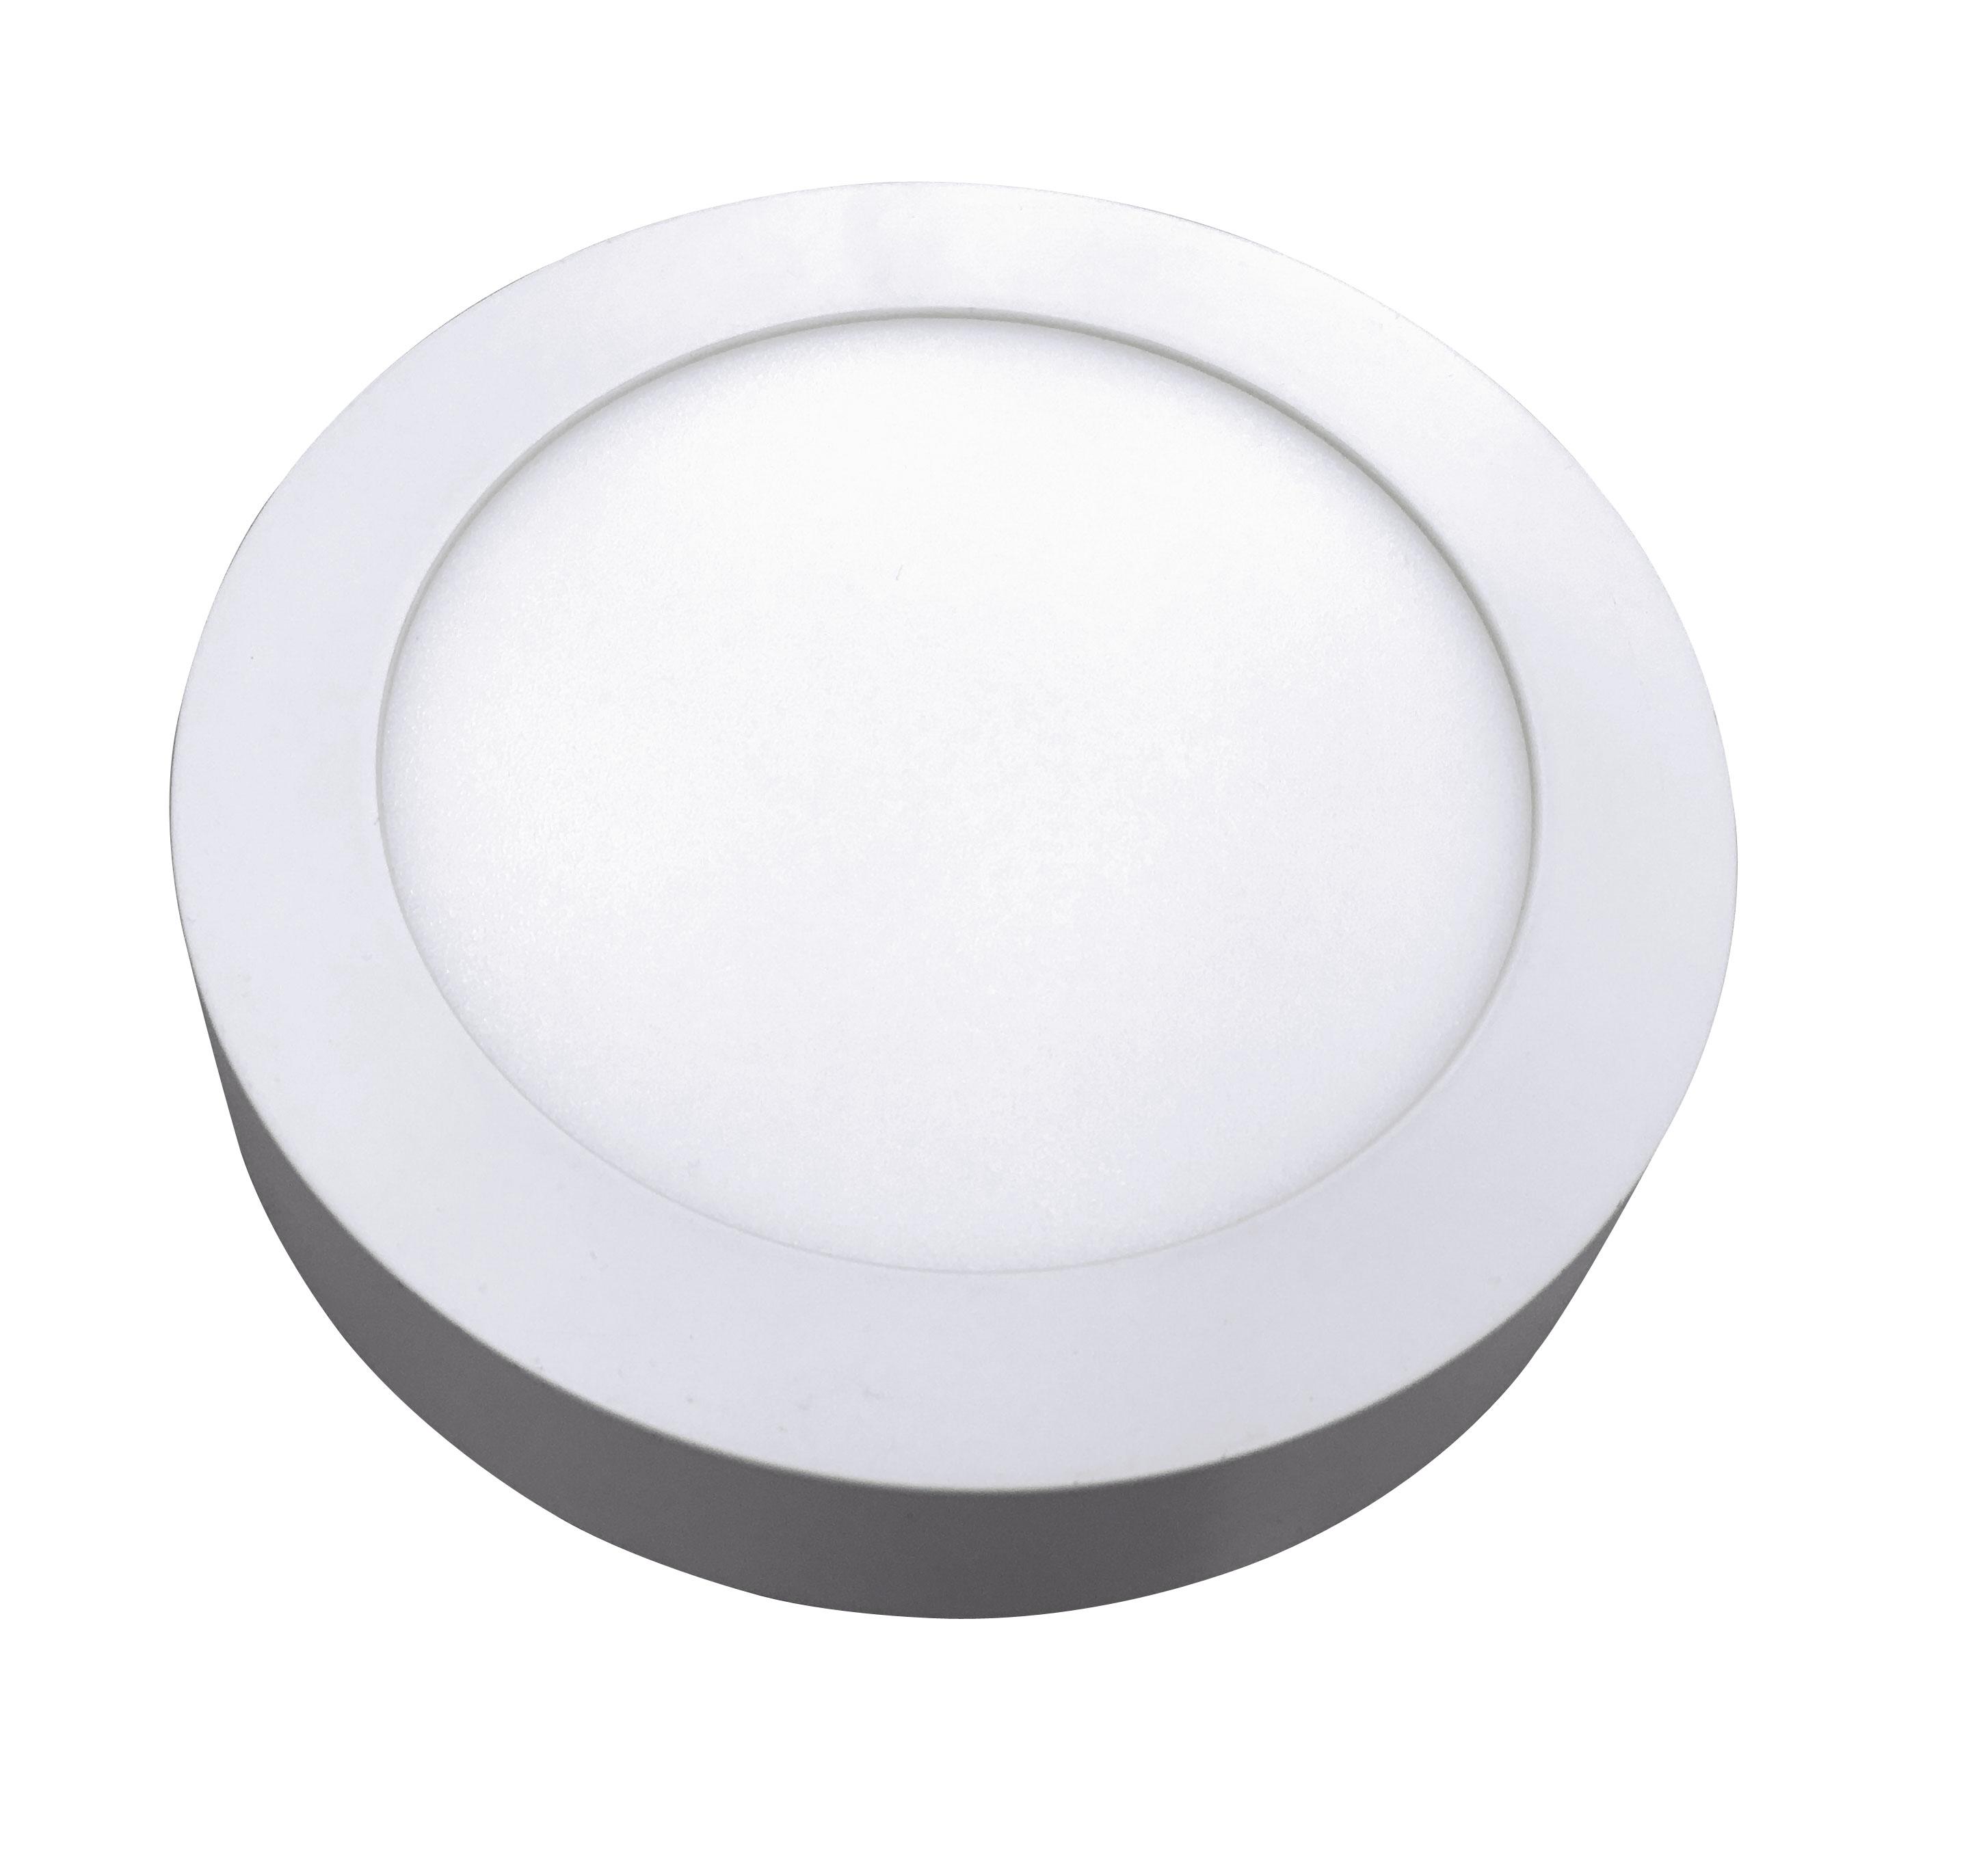 Plafon de Sobrepor HOME LED redondo 12W 6.400K (Luz Branca) Bivolt ø17,5 cm